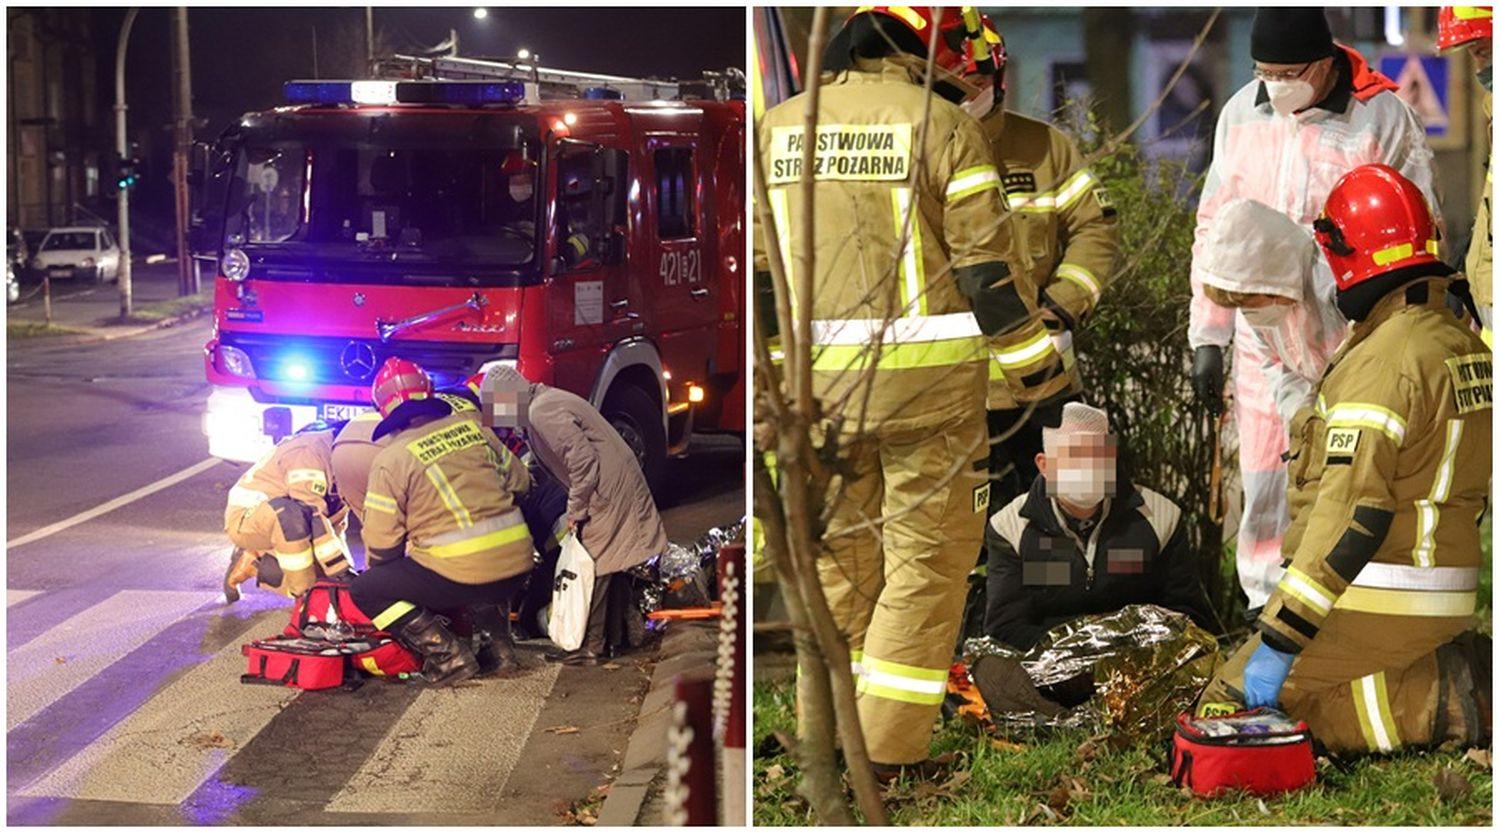 [ZDJĘCIA] Akcja służb w Kutnie. Poszkodowany mężczyzna trafił do szpitala - Zdjęcie główne